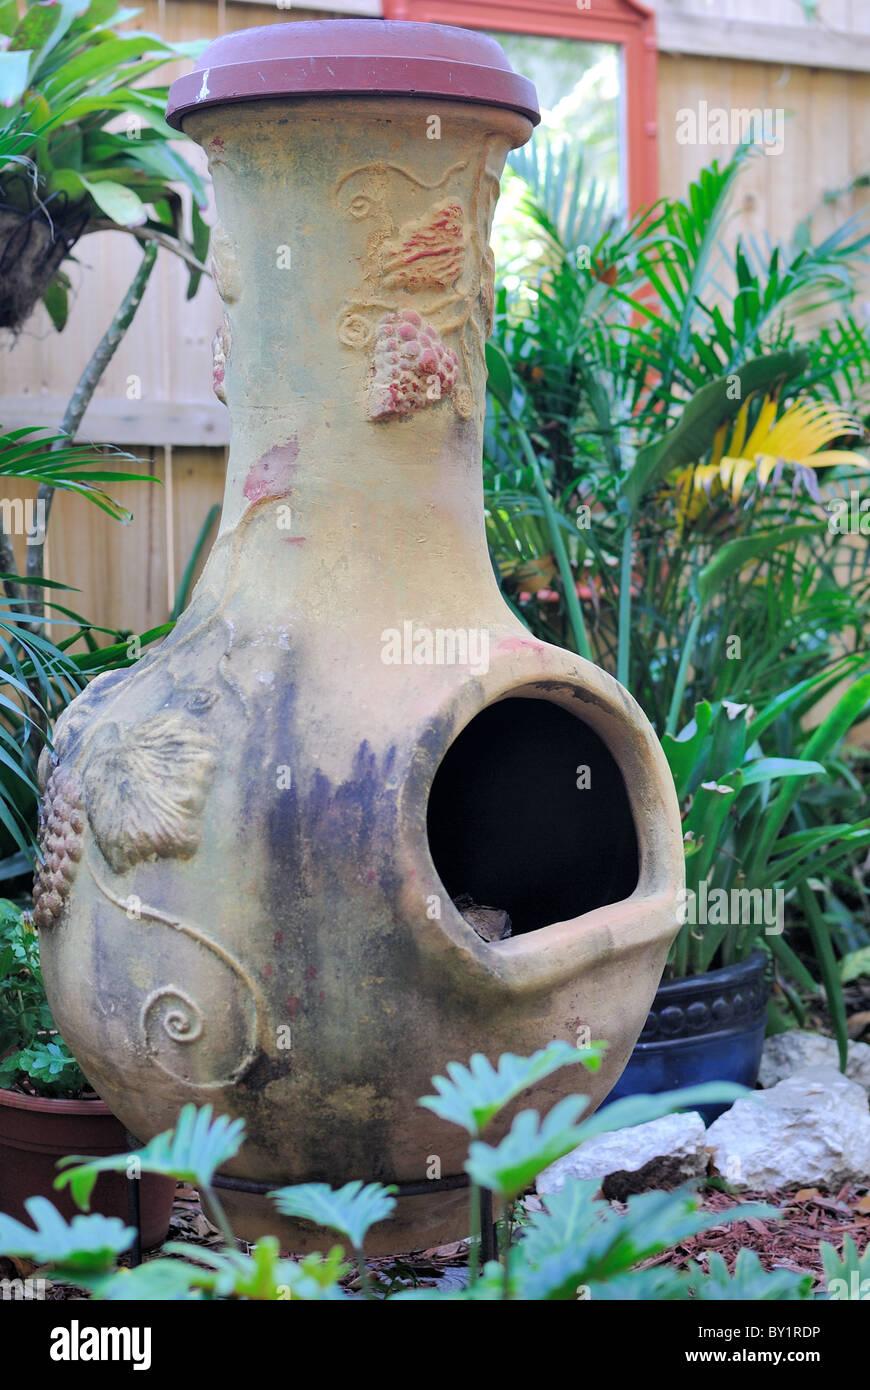 Chimenea Jardin Exterior Foto Imagen De Stock 33846450 Alamy - Chimenea-jardin